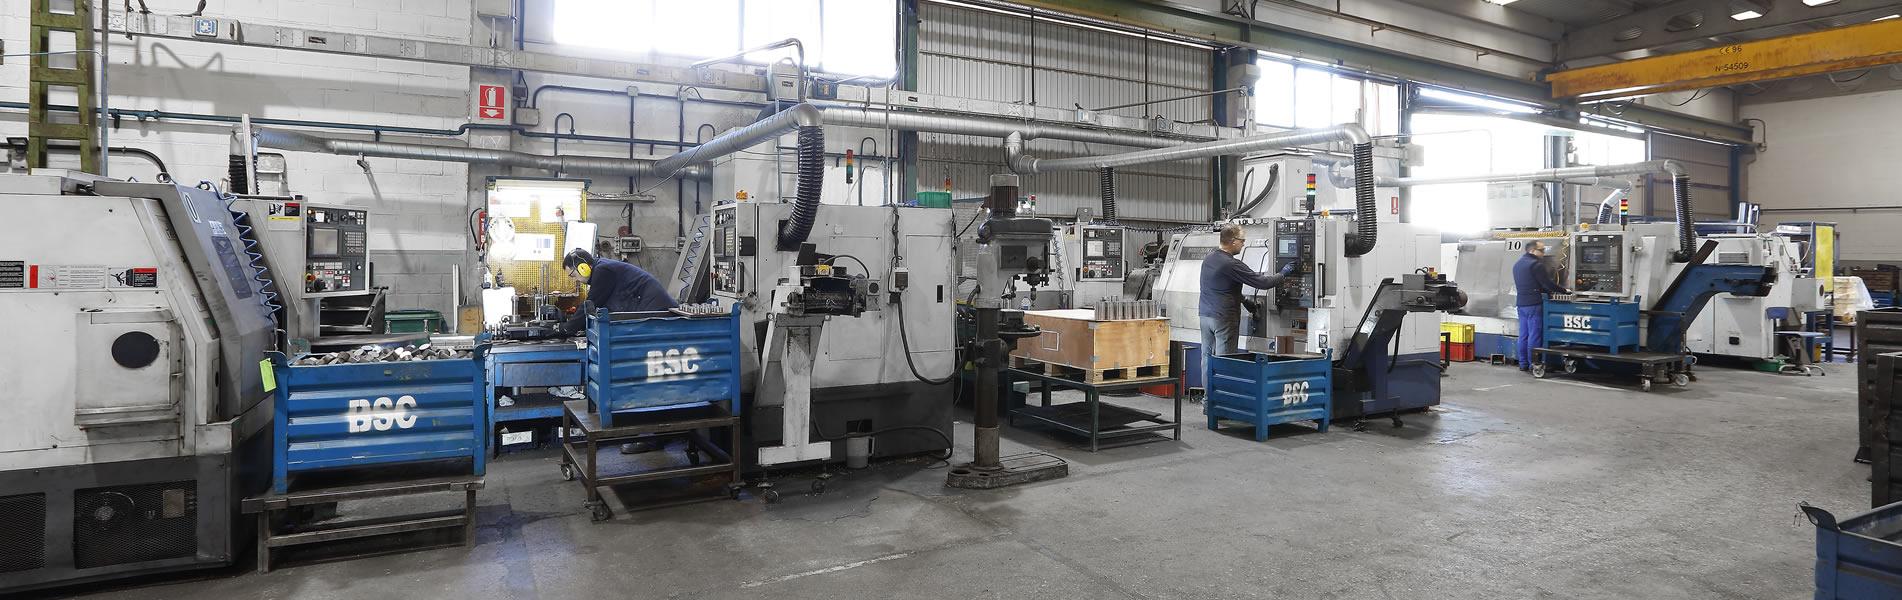 35 años de experiencia nos avalan en la fabricación de piezas bajo plano